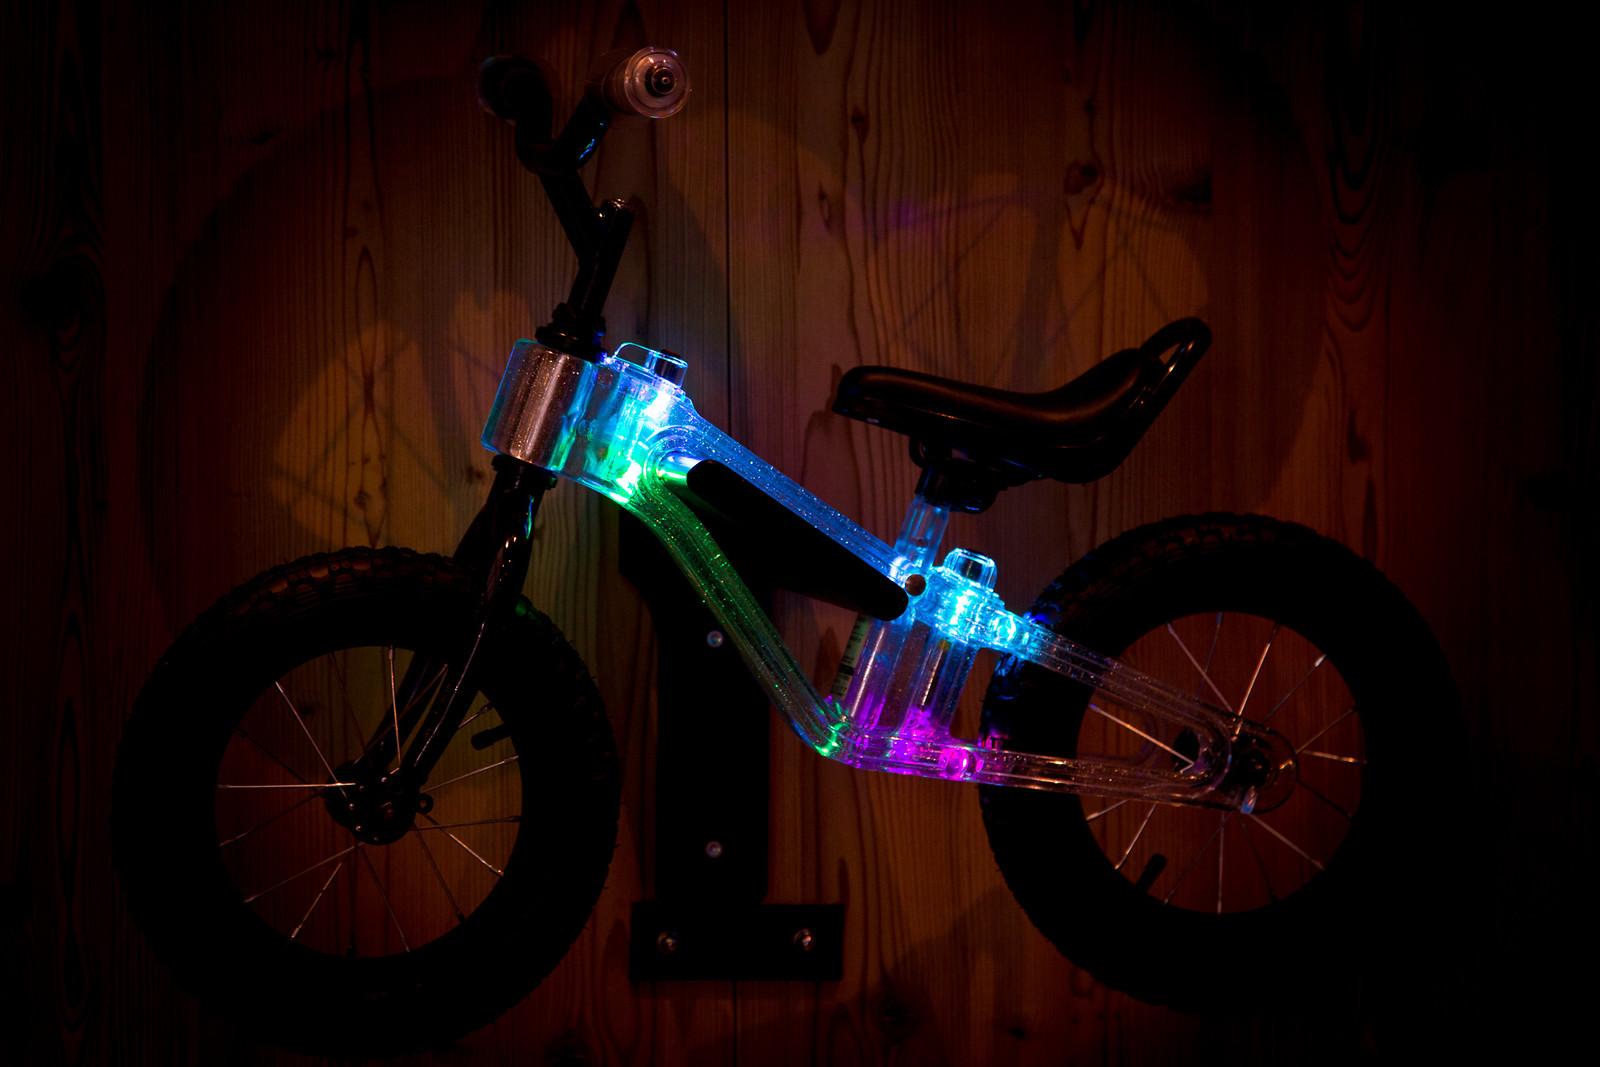 Glow in the Dark - iceman2058 - Mountain Biking Pictures - Vital MTB